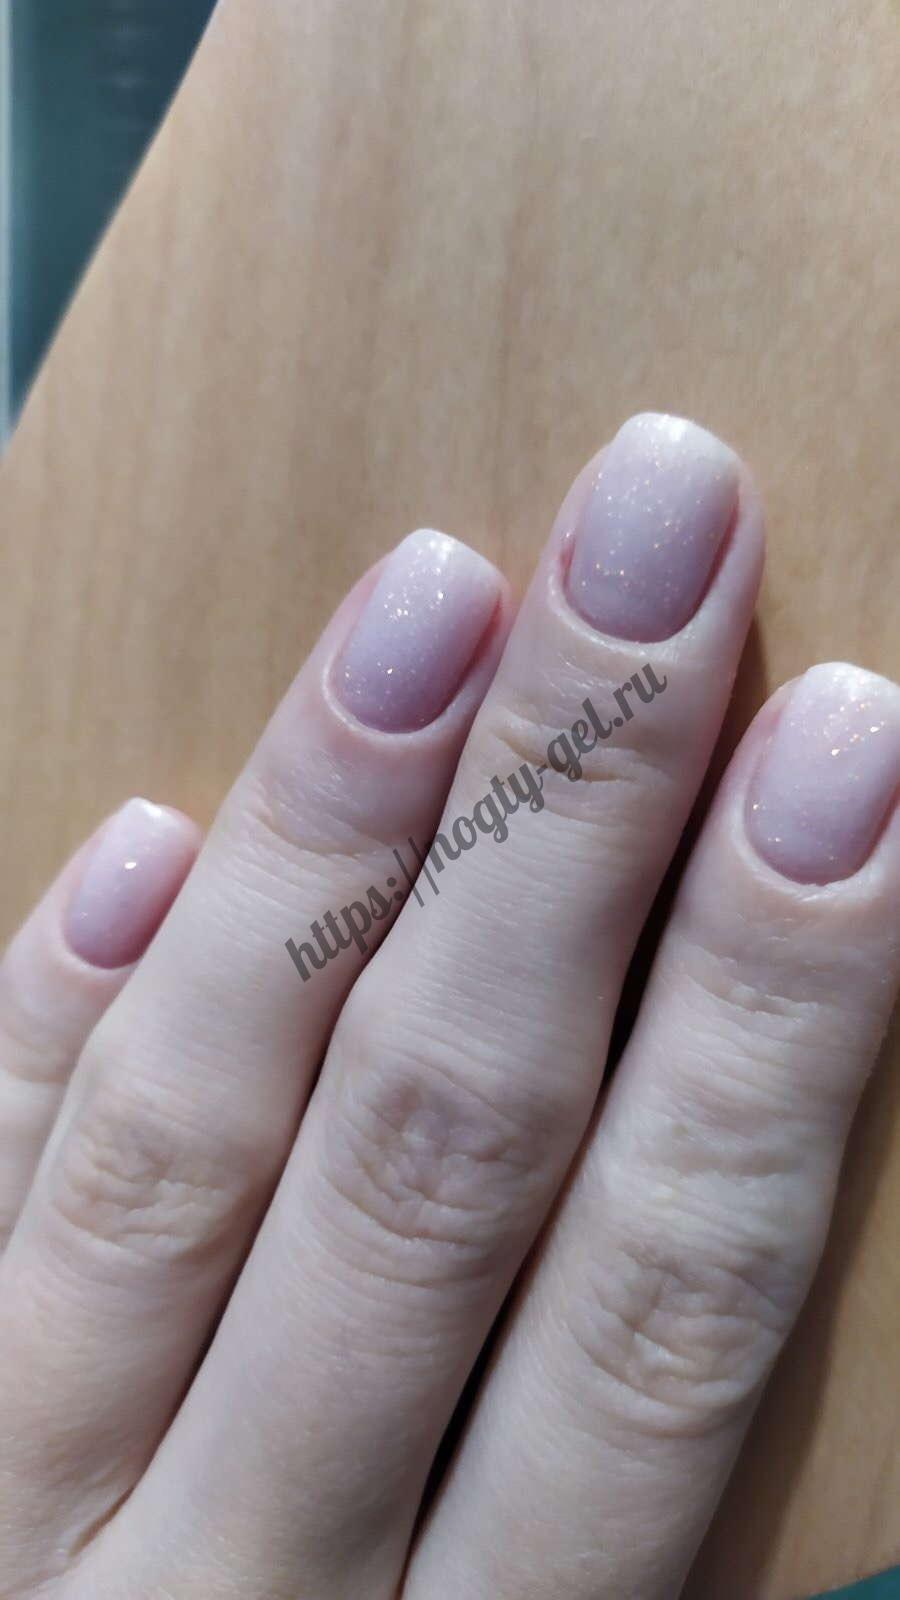 2.Шиммер для ногтей